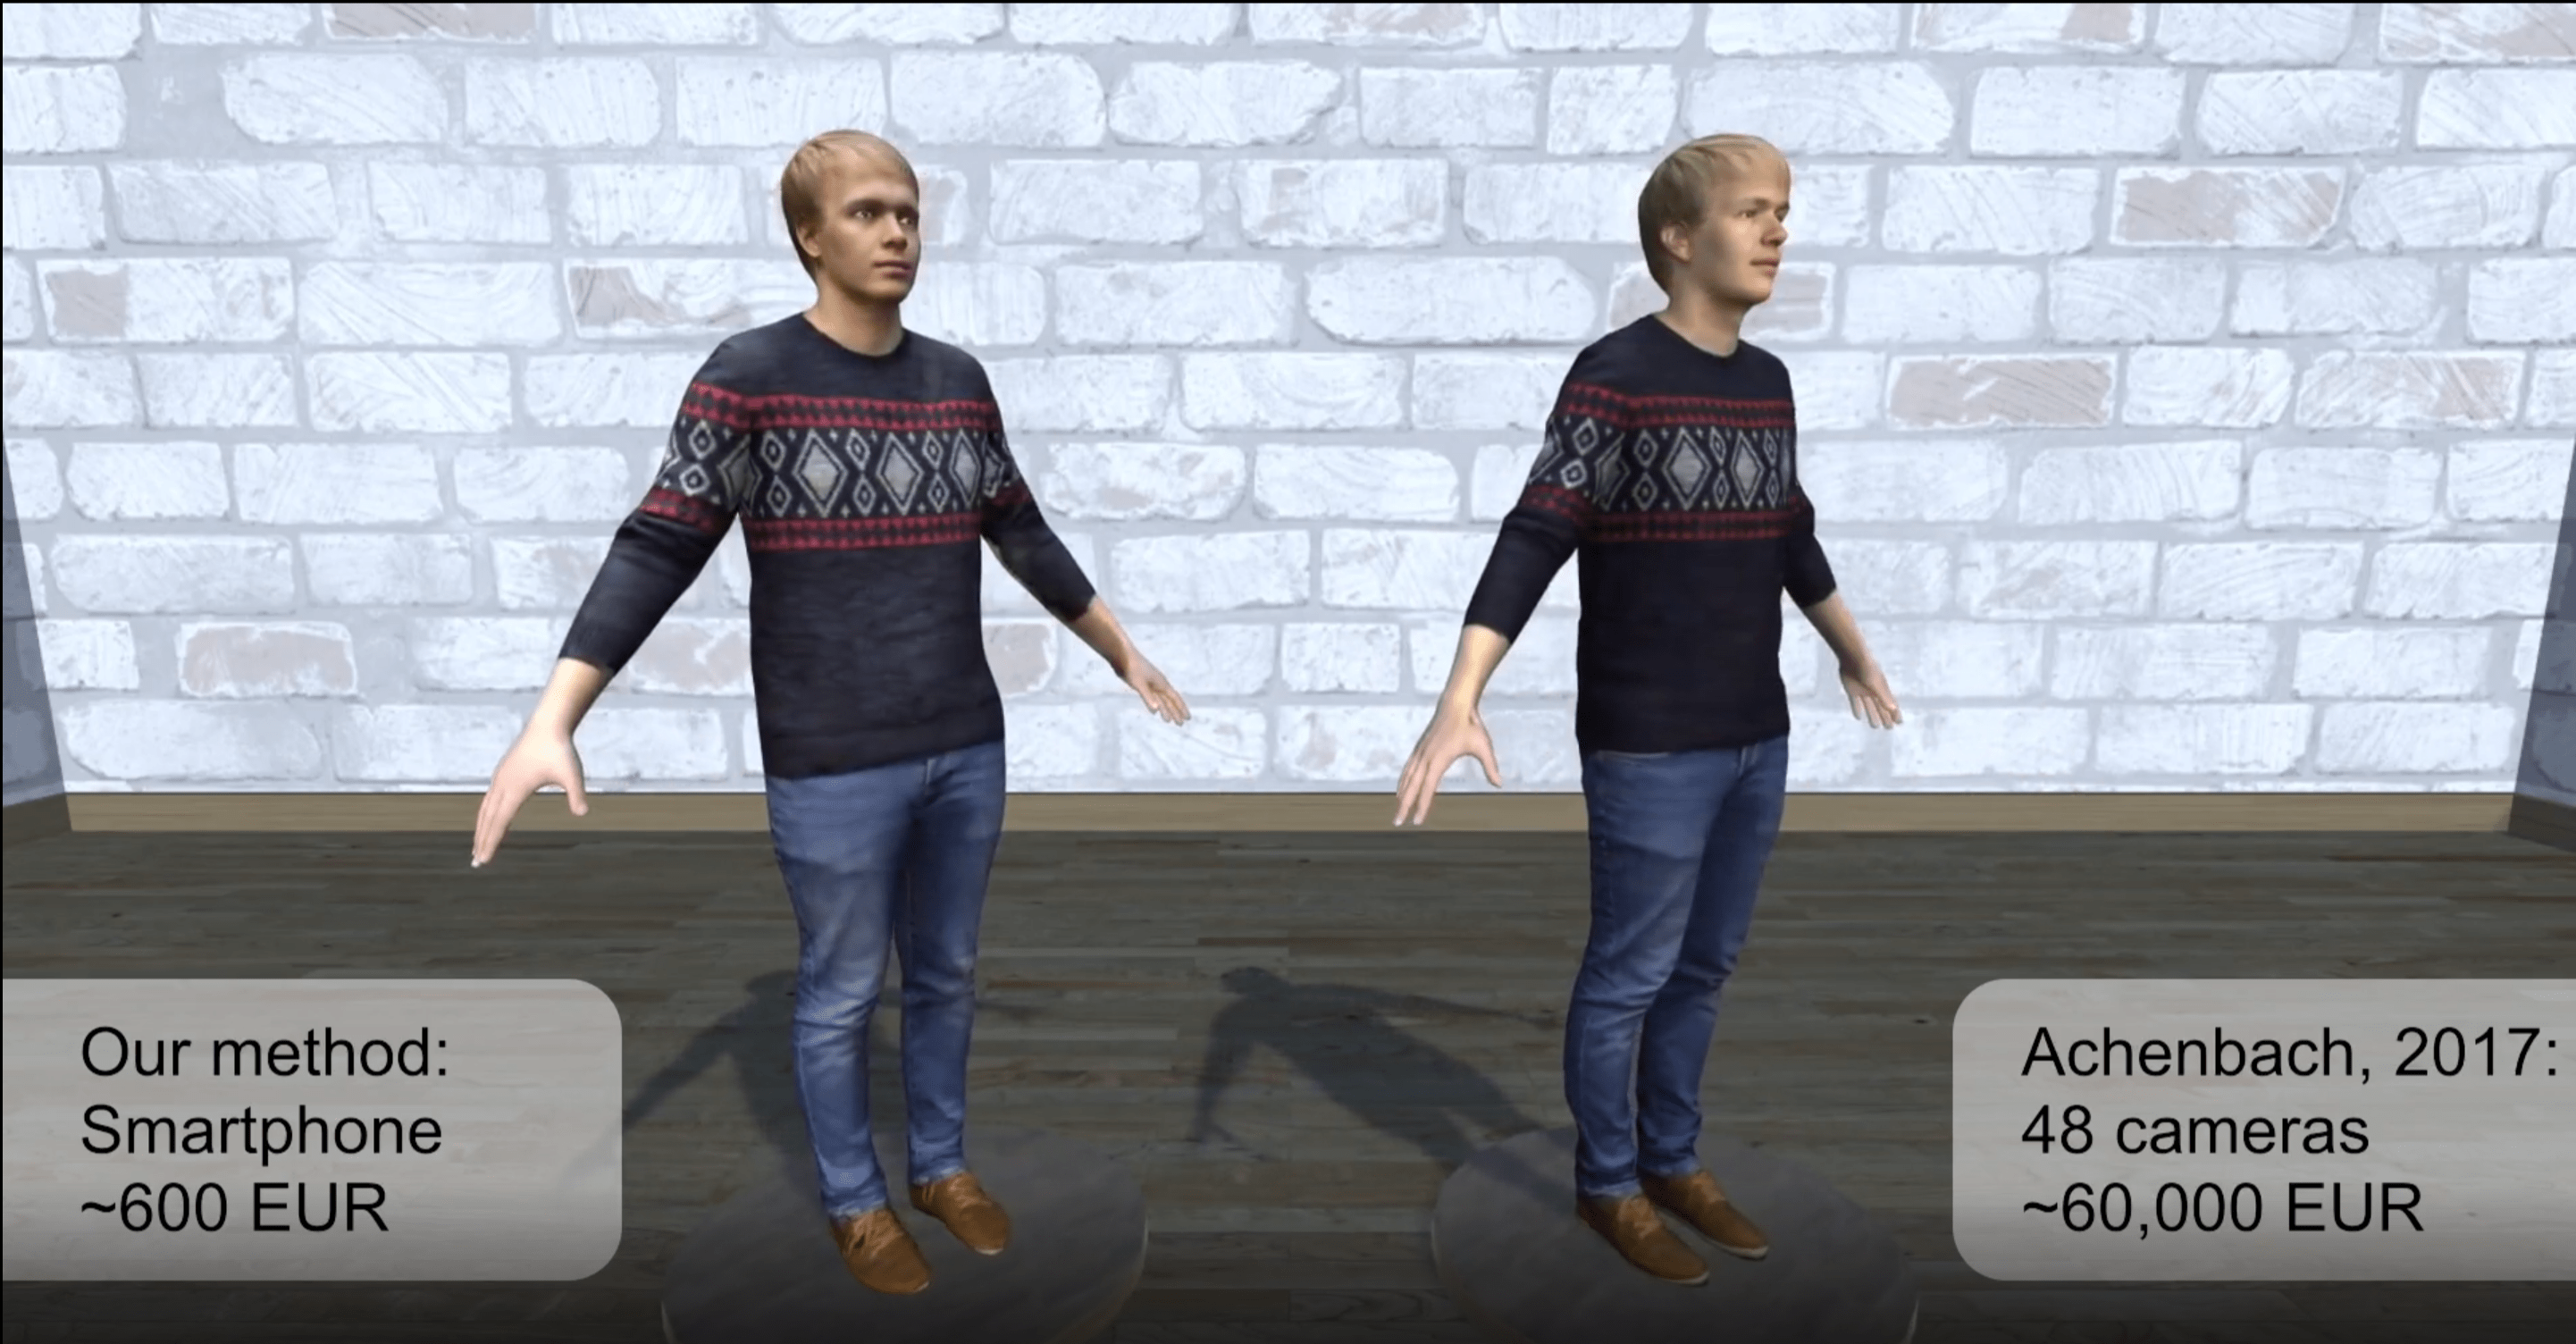 Ein Vergleich von zwei 3D-Avataren die mit unterschiedlichen Systemen erstellt wurden.